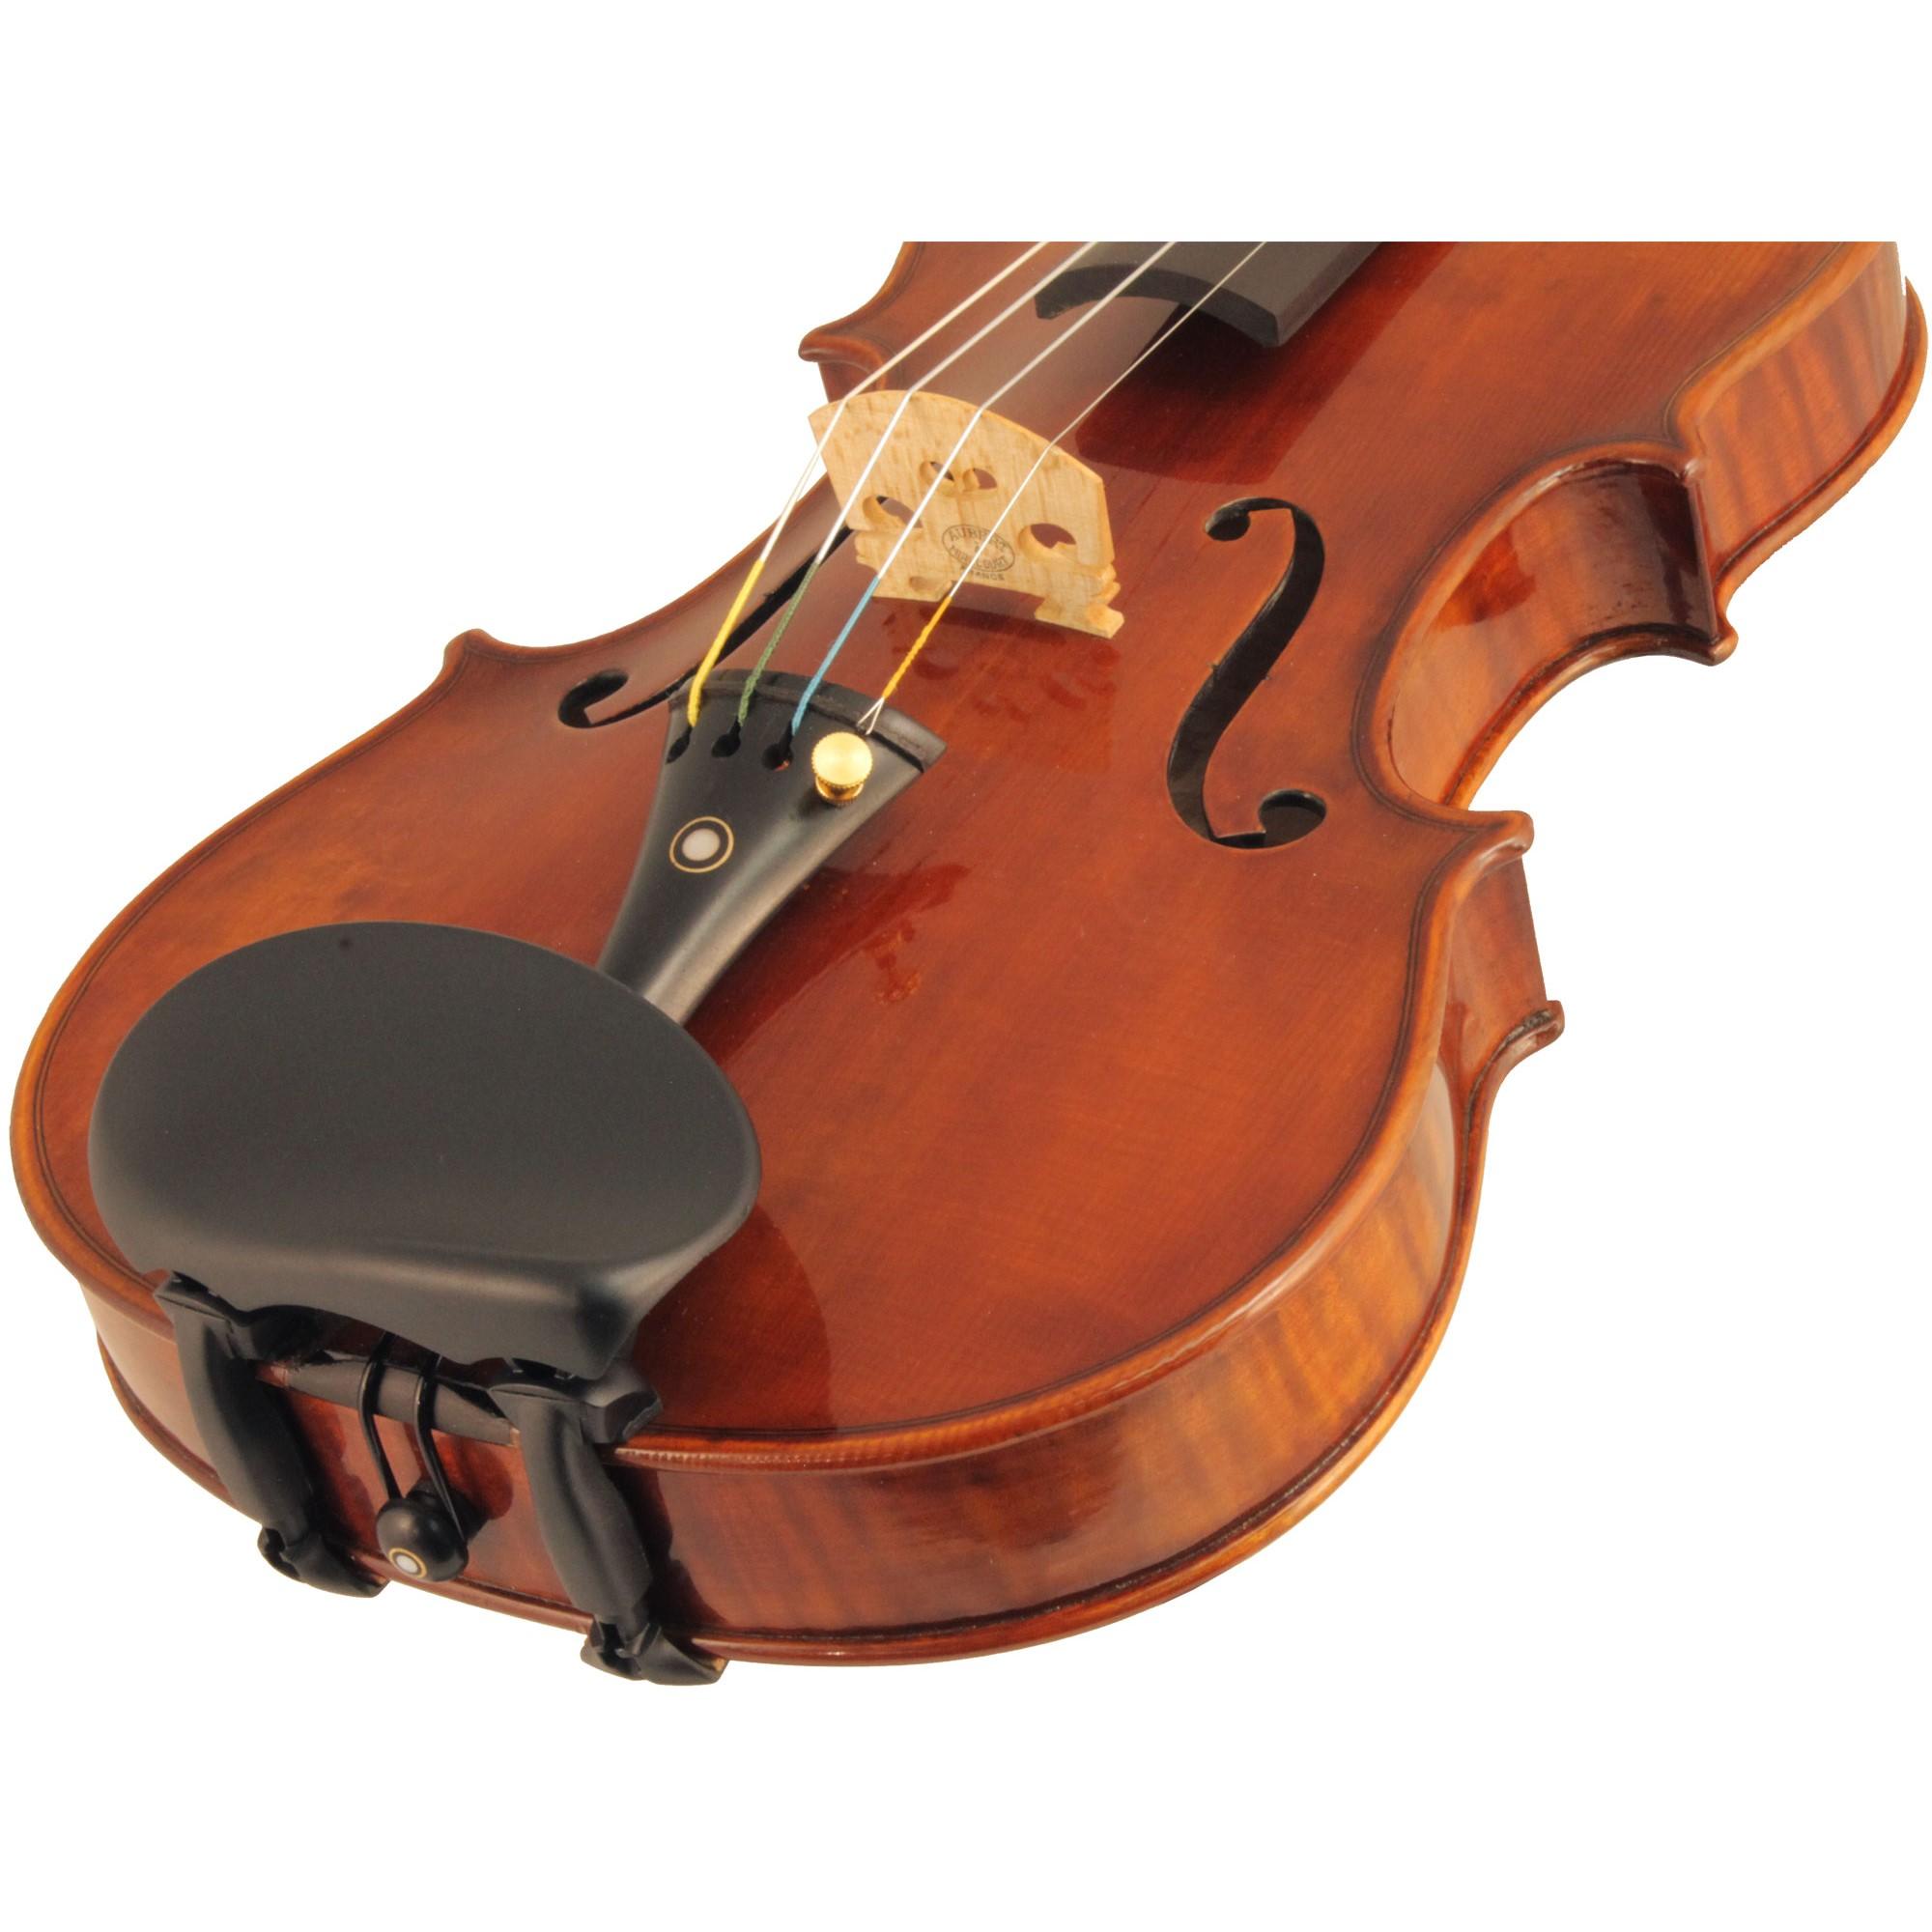 Wittner Kinnhalter Violin Chinrest in action